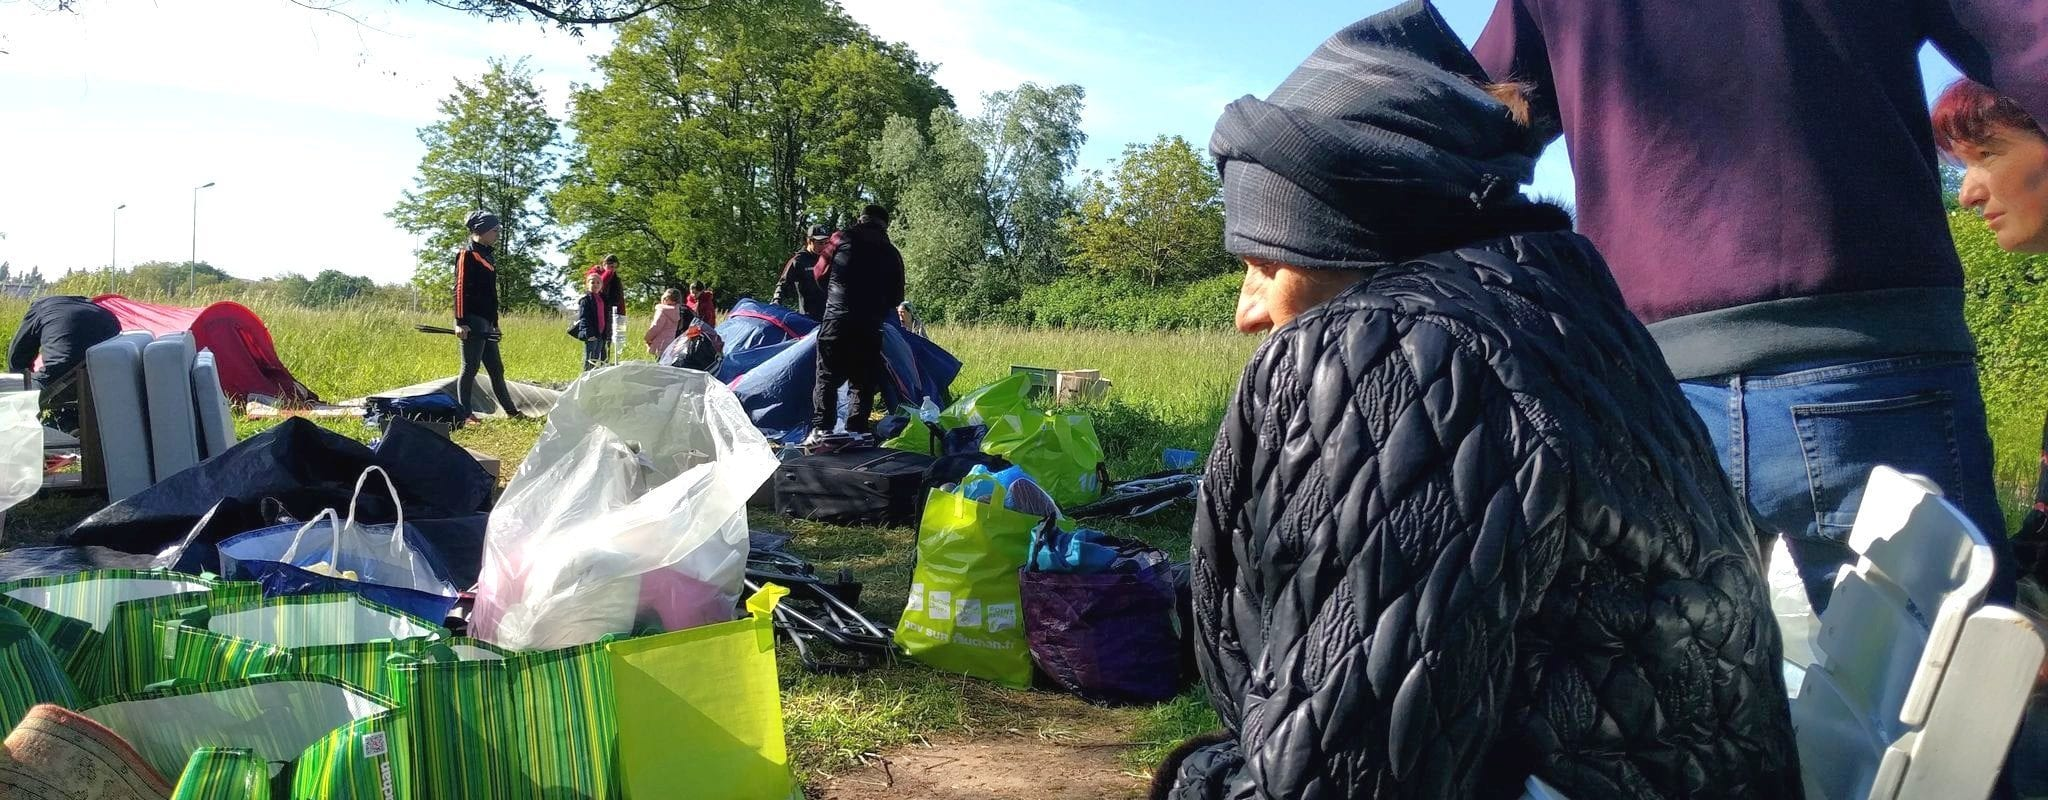 Nouvelle évacuation du camp de migrants des Ducs d'Alsace